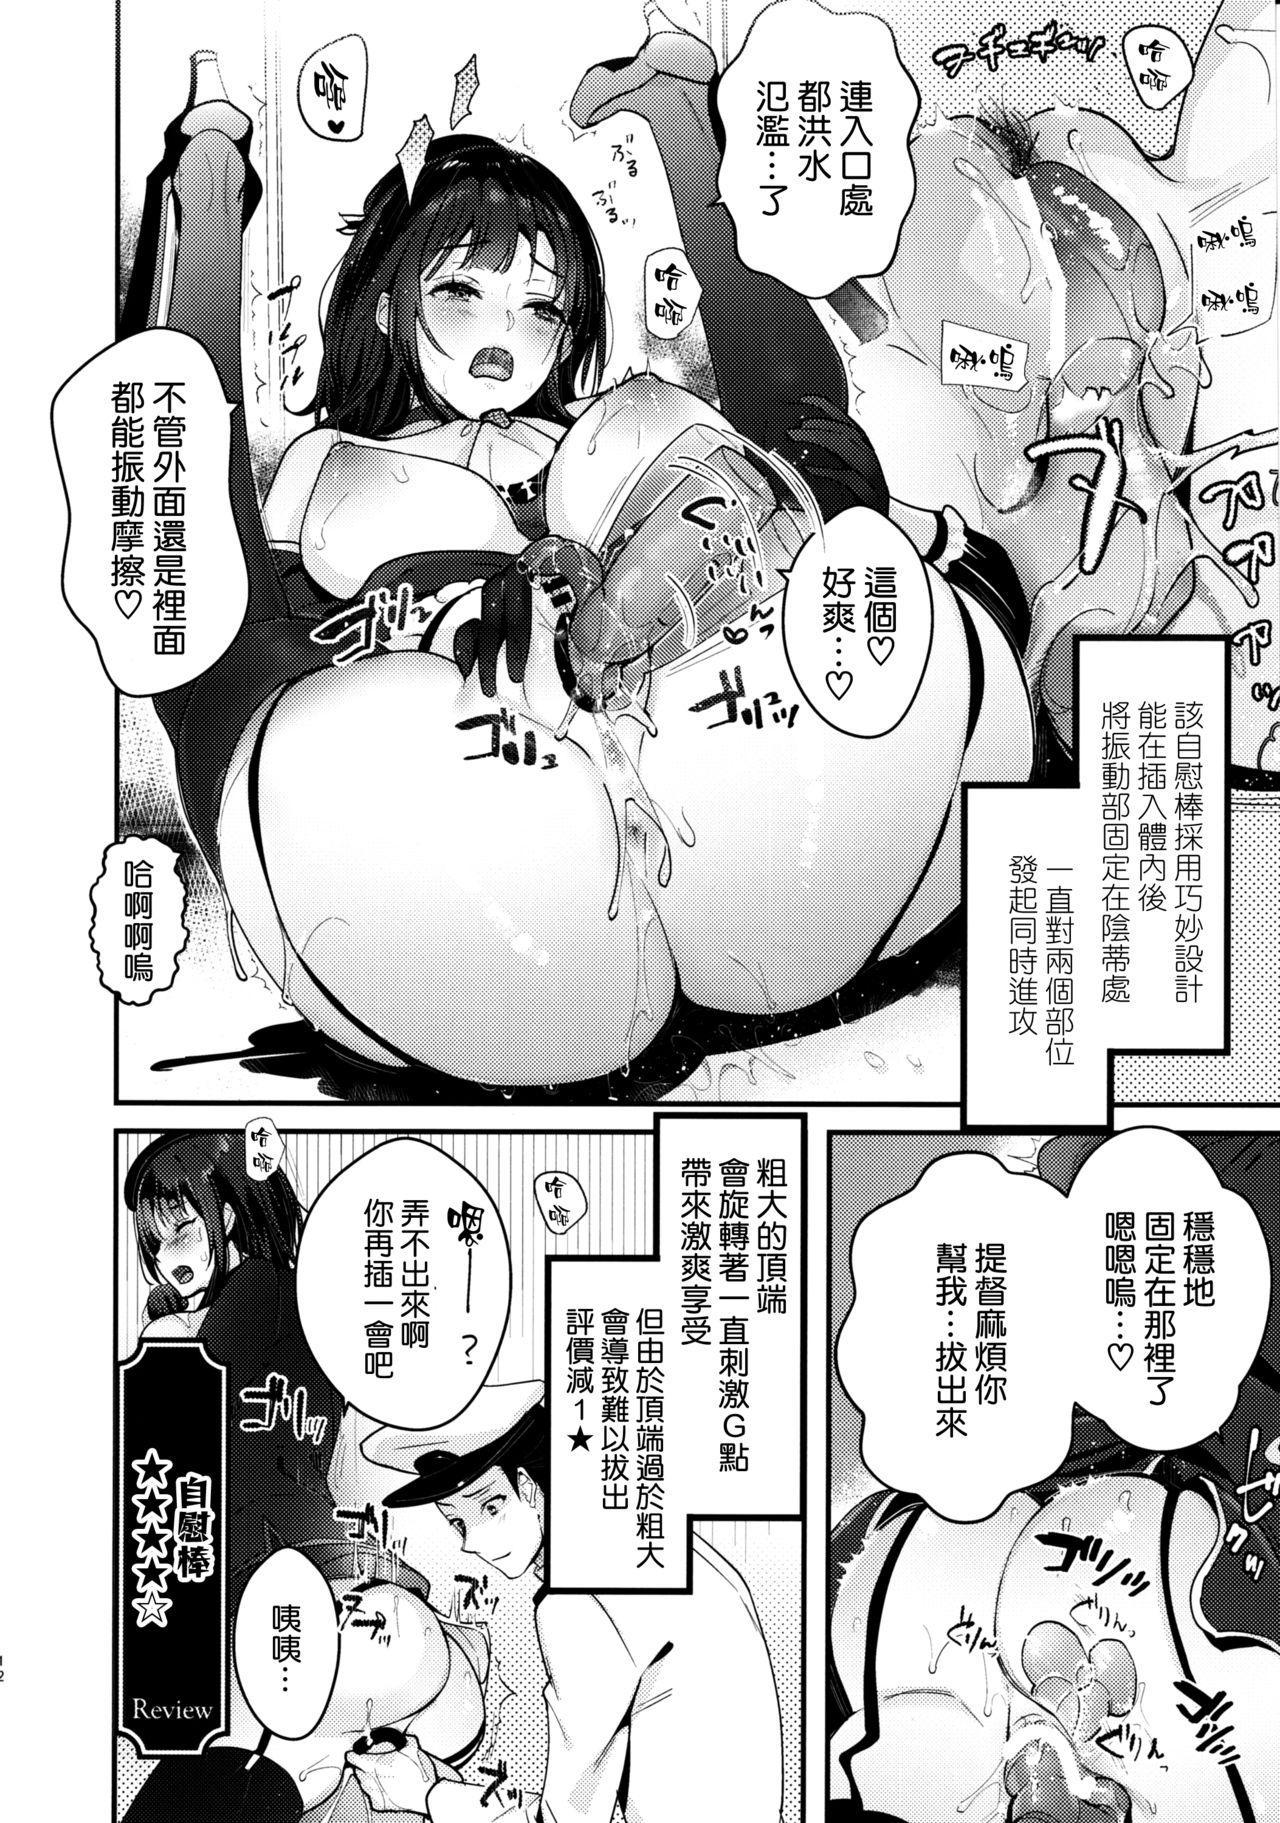 Binkan Takao Omocha Review Shite Miru? 11